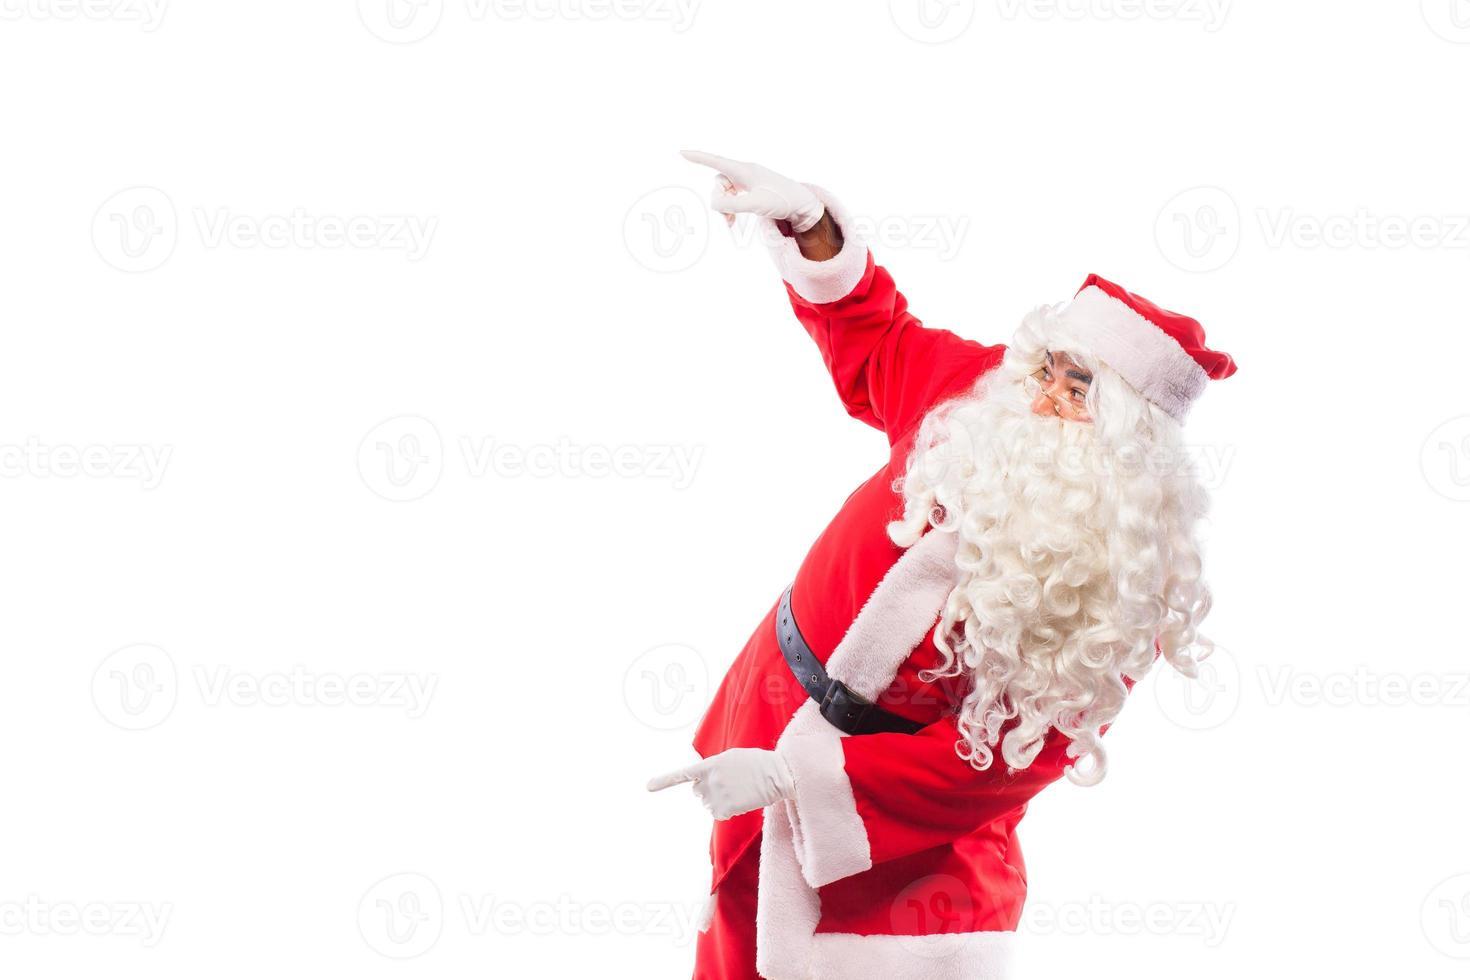 Weihnachtsmann mit auf weiß, mit Kopierraum foto